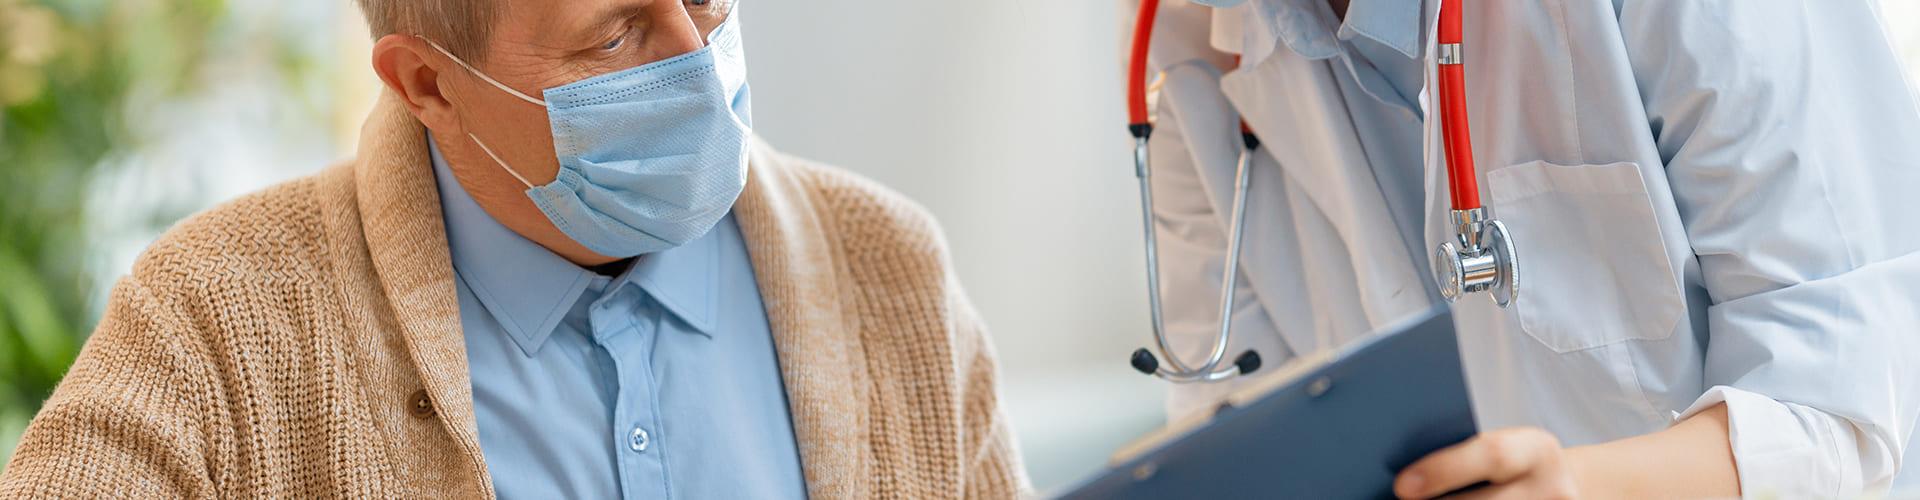 Запой лечение наркомания нижний новгород наркологические клиники анонимно кемерово